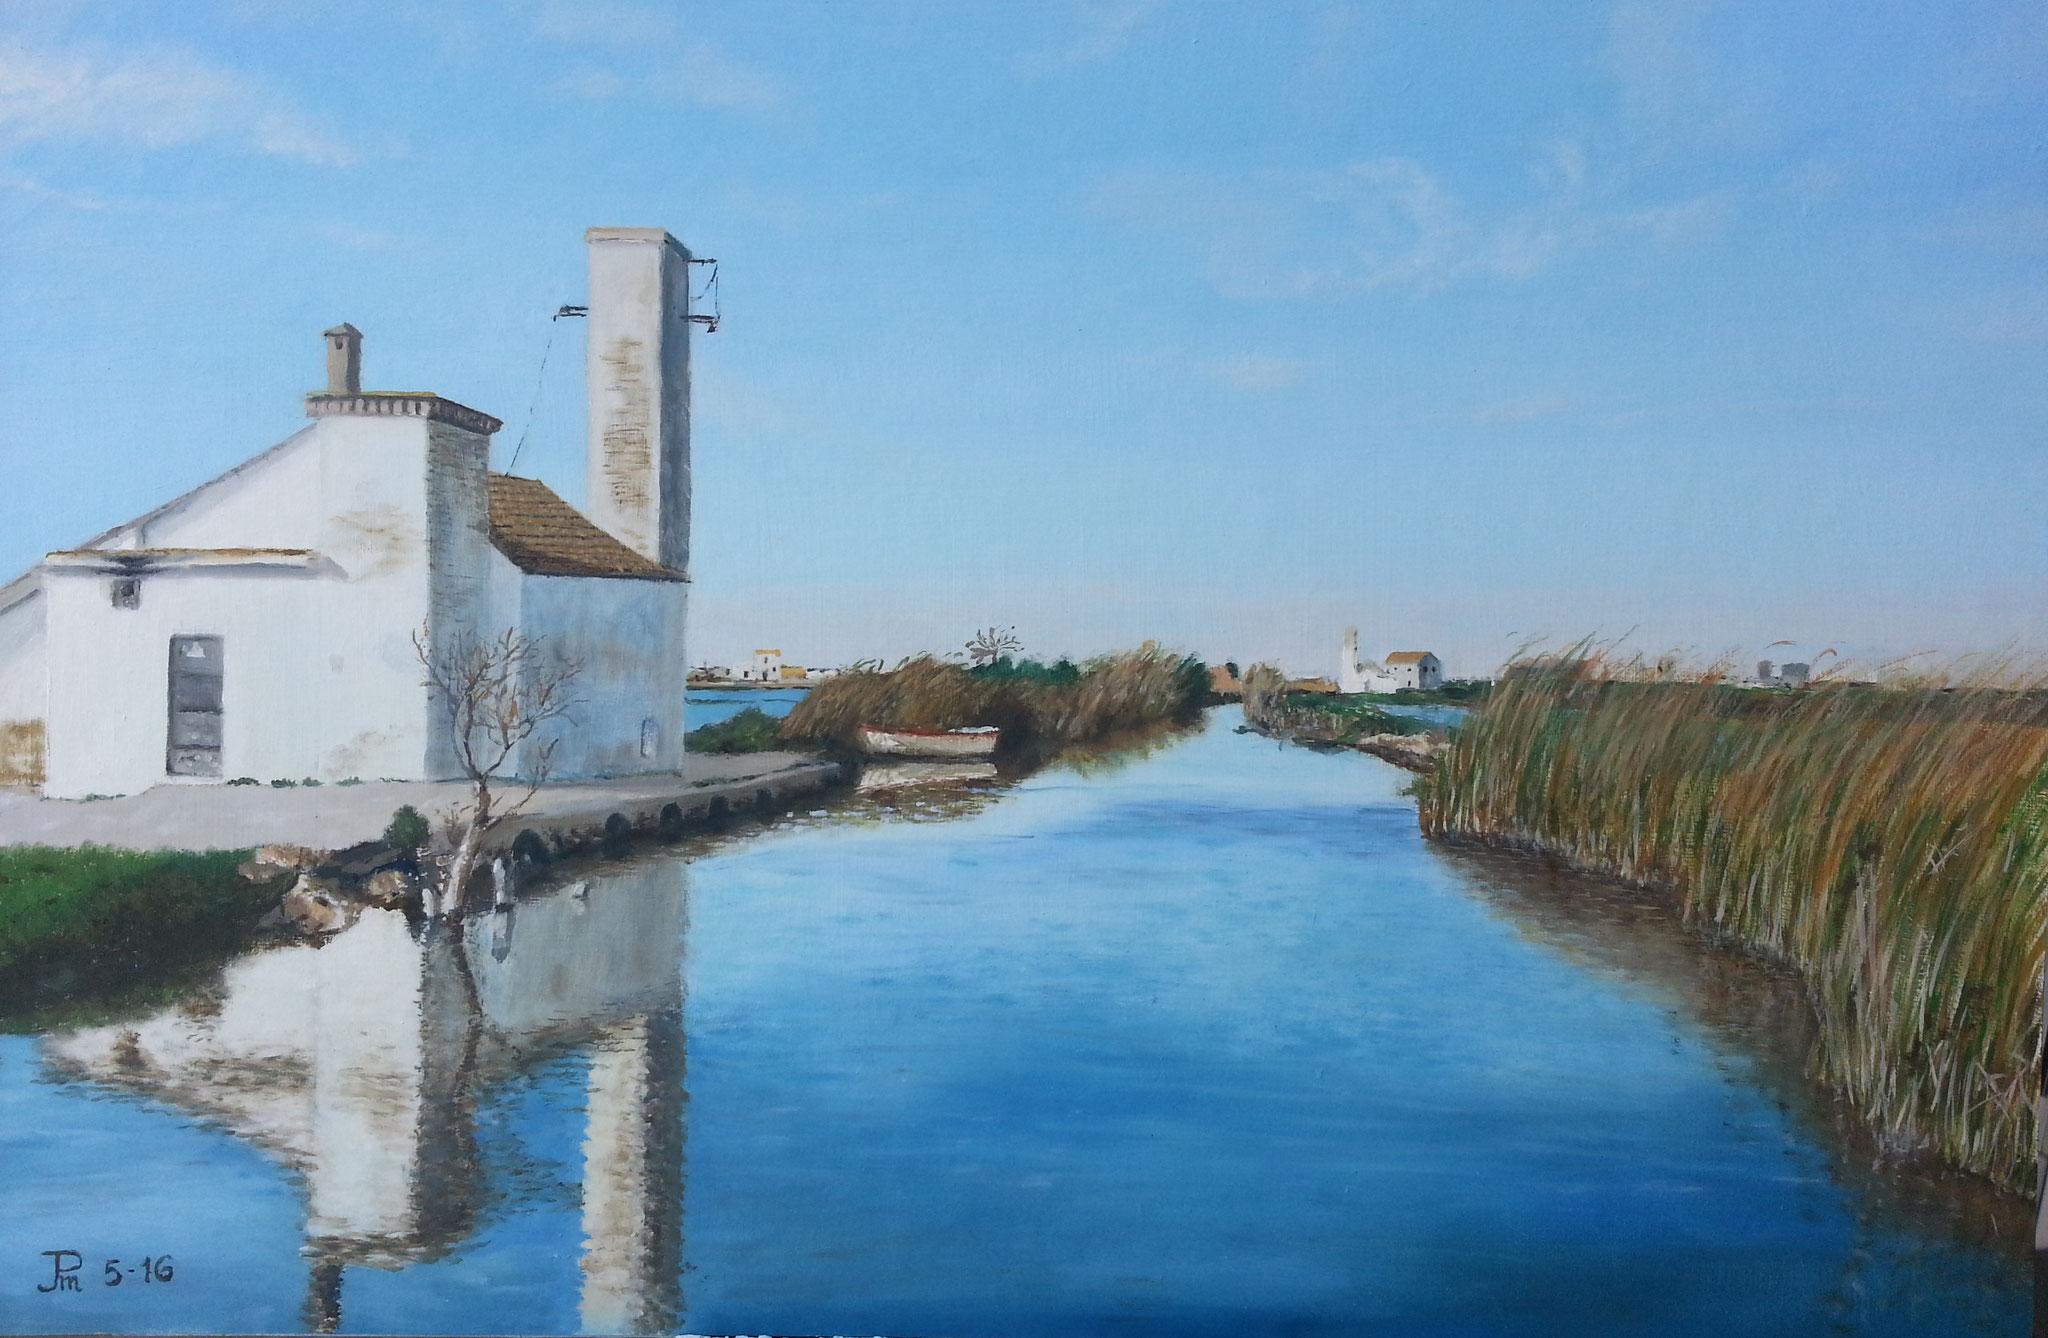 Casa blanca del canal